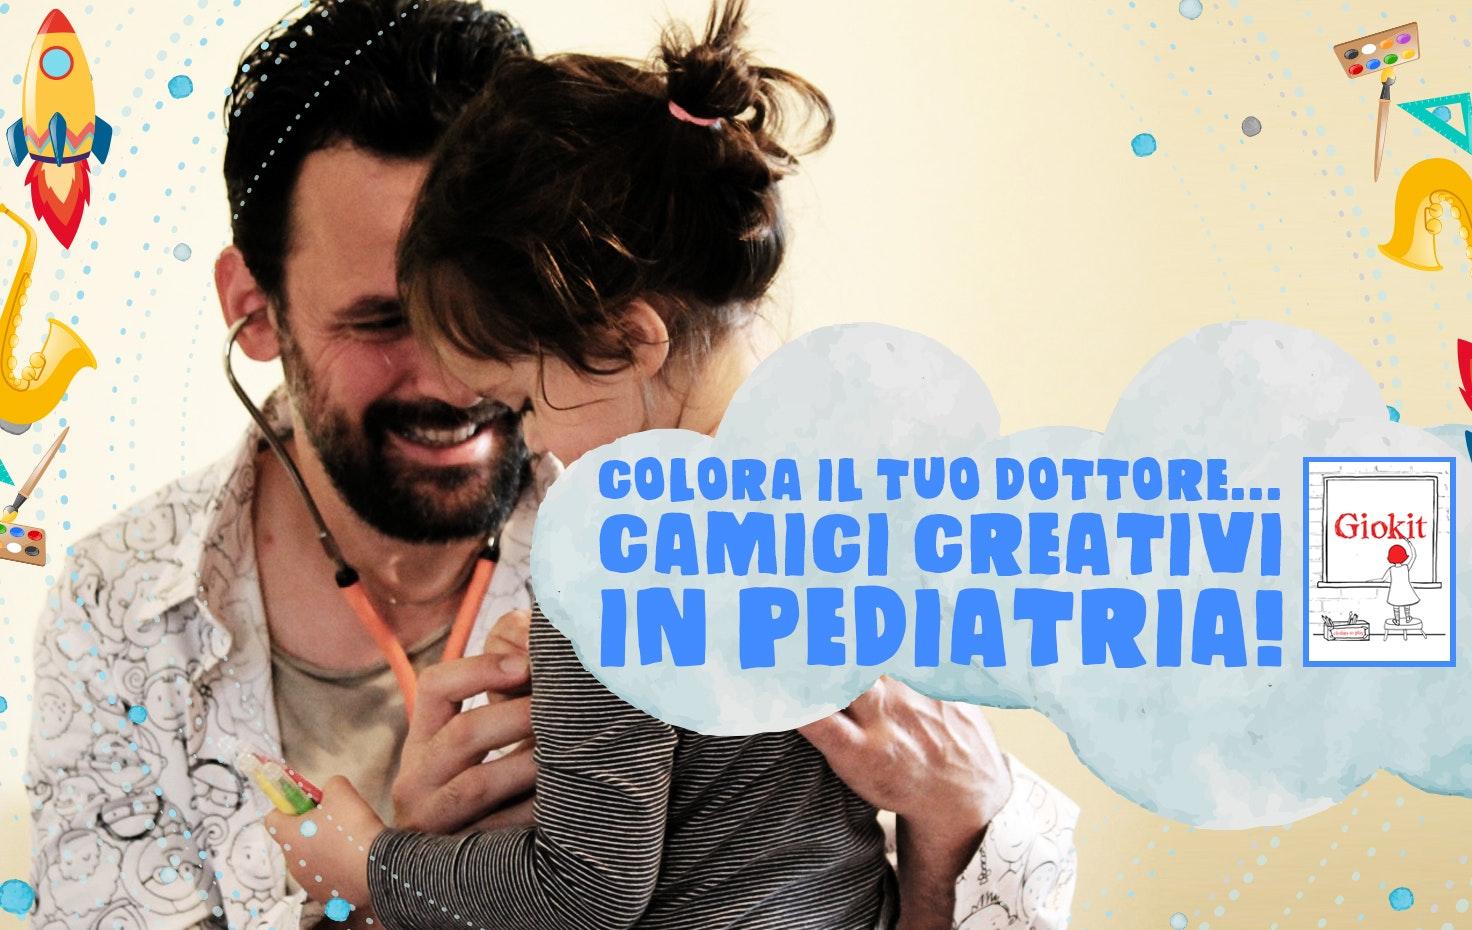 Colora il tuo dottore...camici creativi in pediatria!